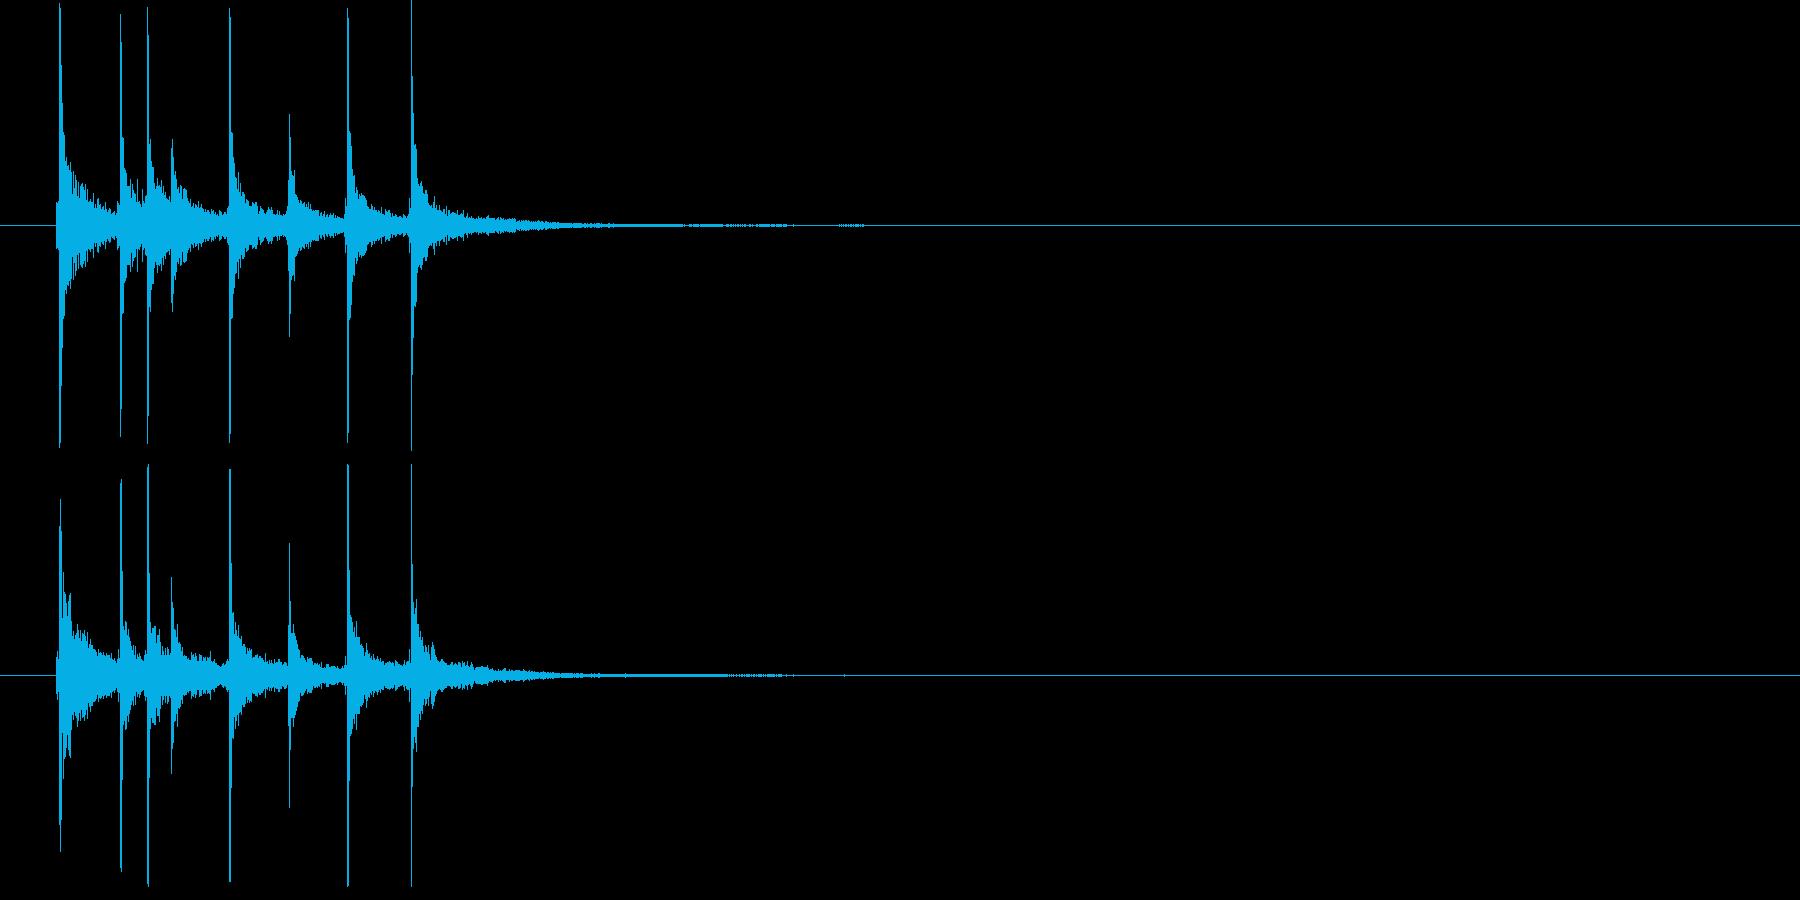 和の素材_三味線の短いフレーズ2の再生済みの波形